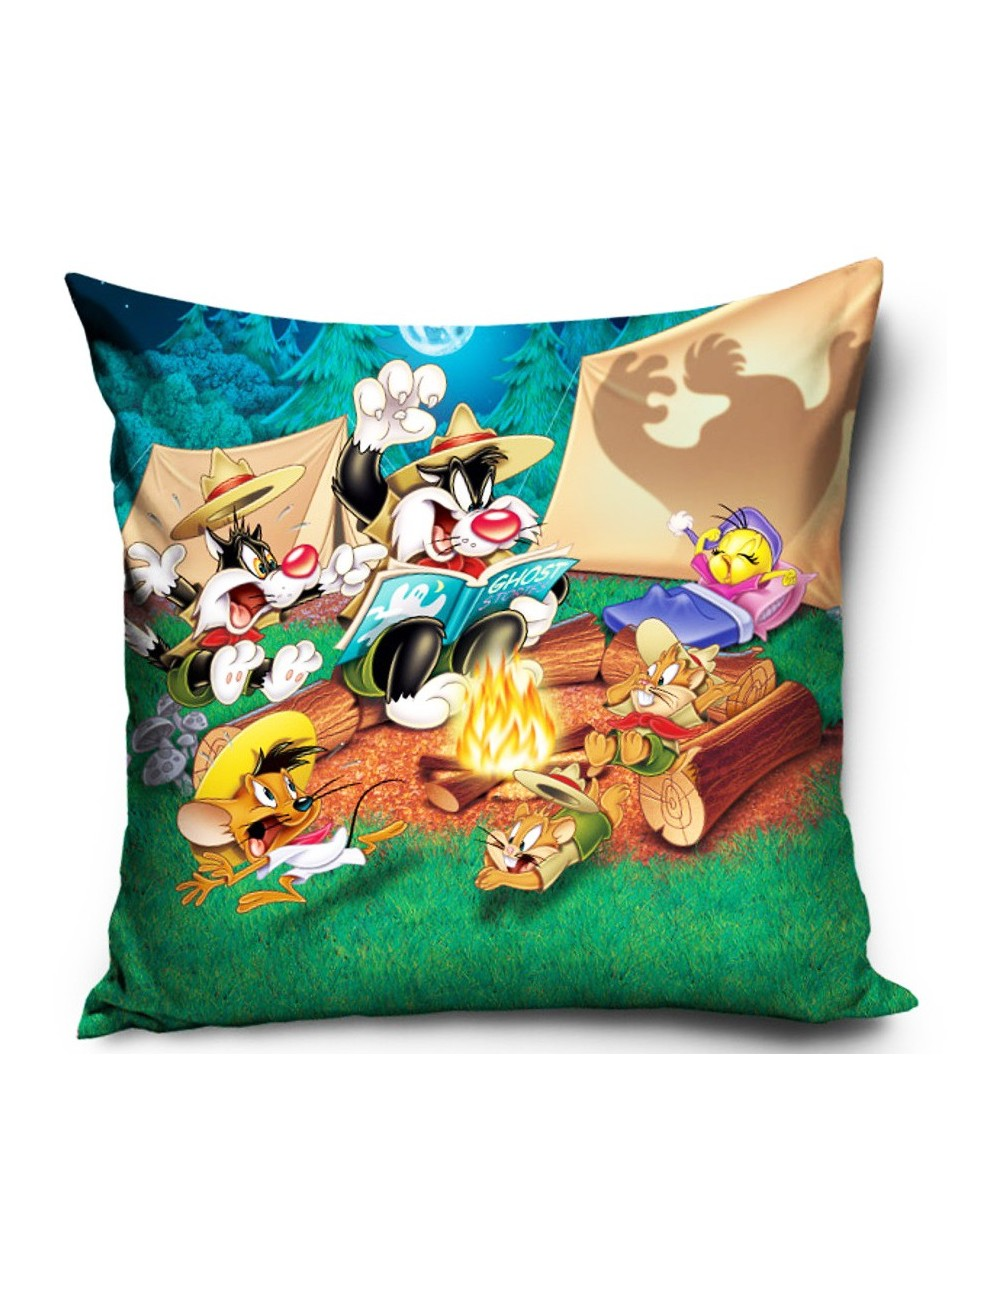 Fata de perna Looney Tunes, 40 x 40 cm